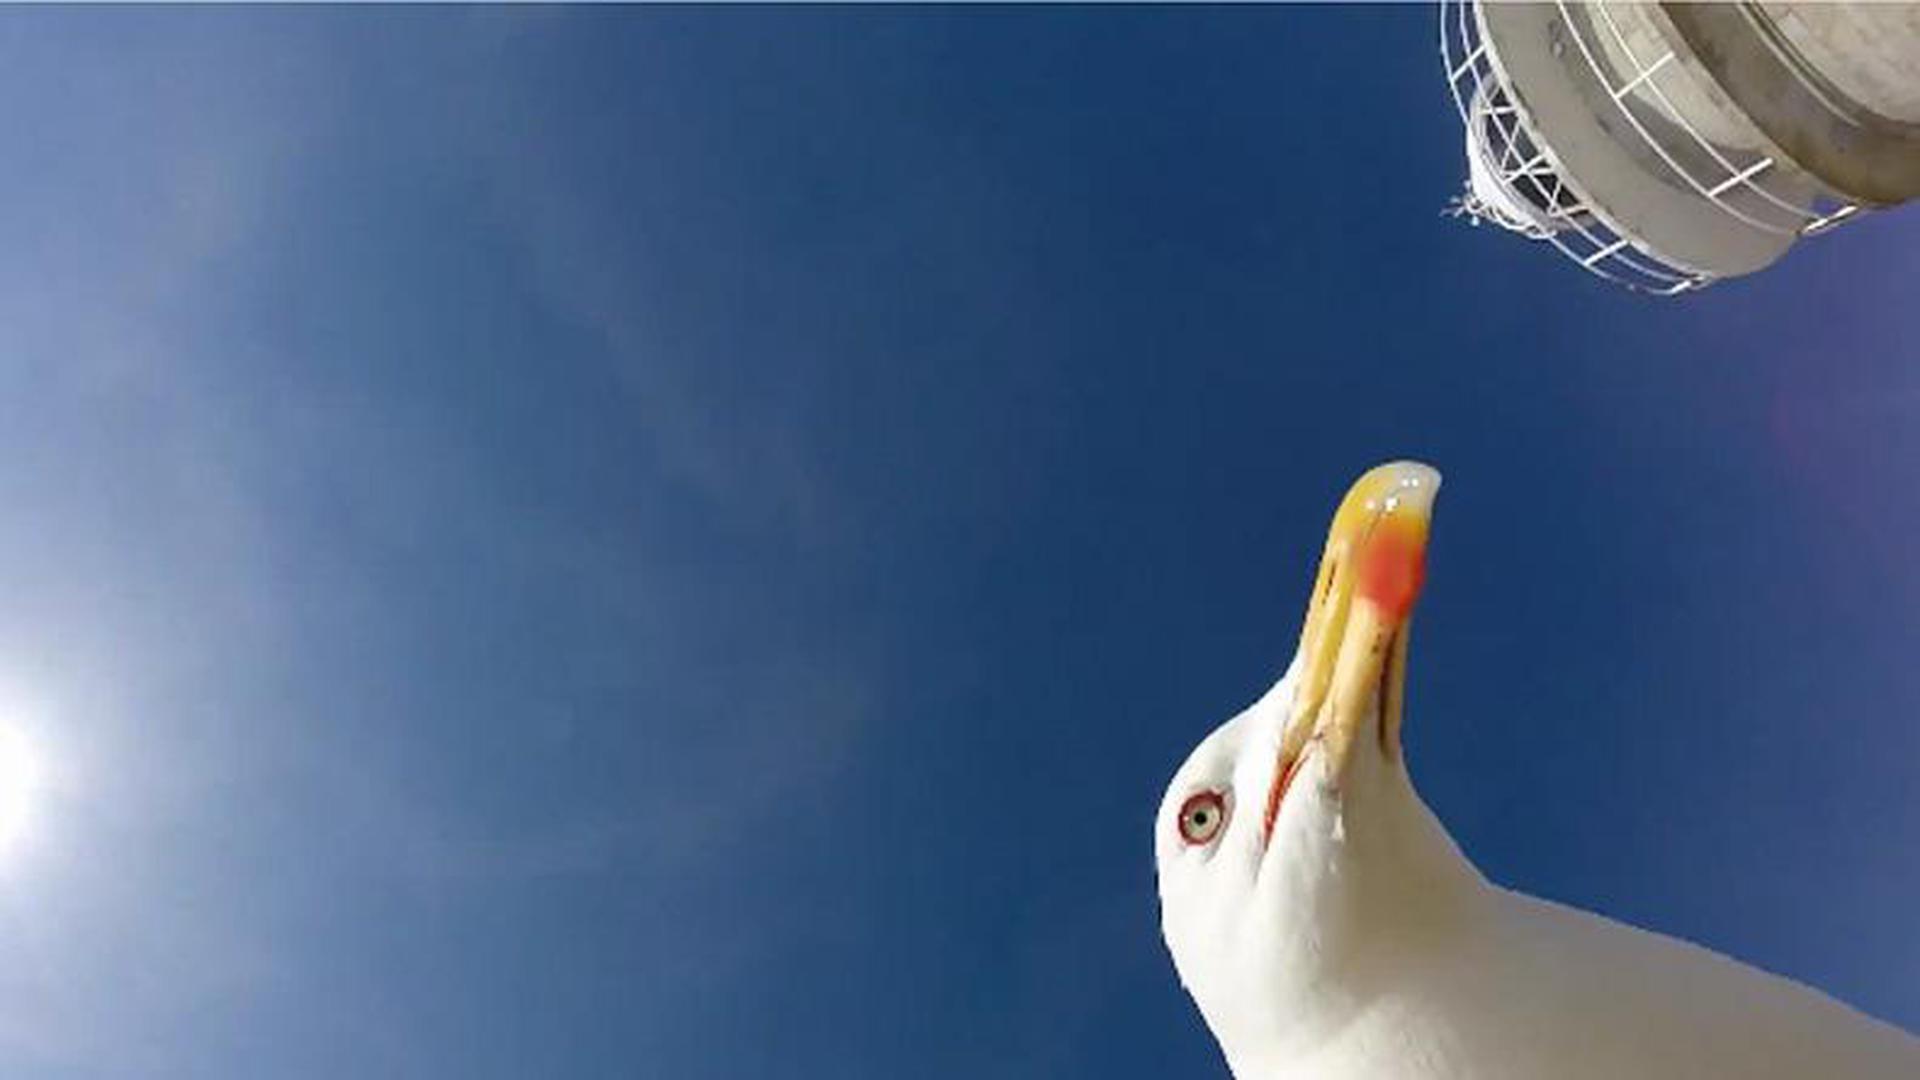 นกนางนวลขอเซลฟี่! ฉกกล้องนักท่องเที่ยวบินร่อนถ่ายภาพทั่วฟ้า (คลิป)